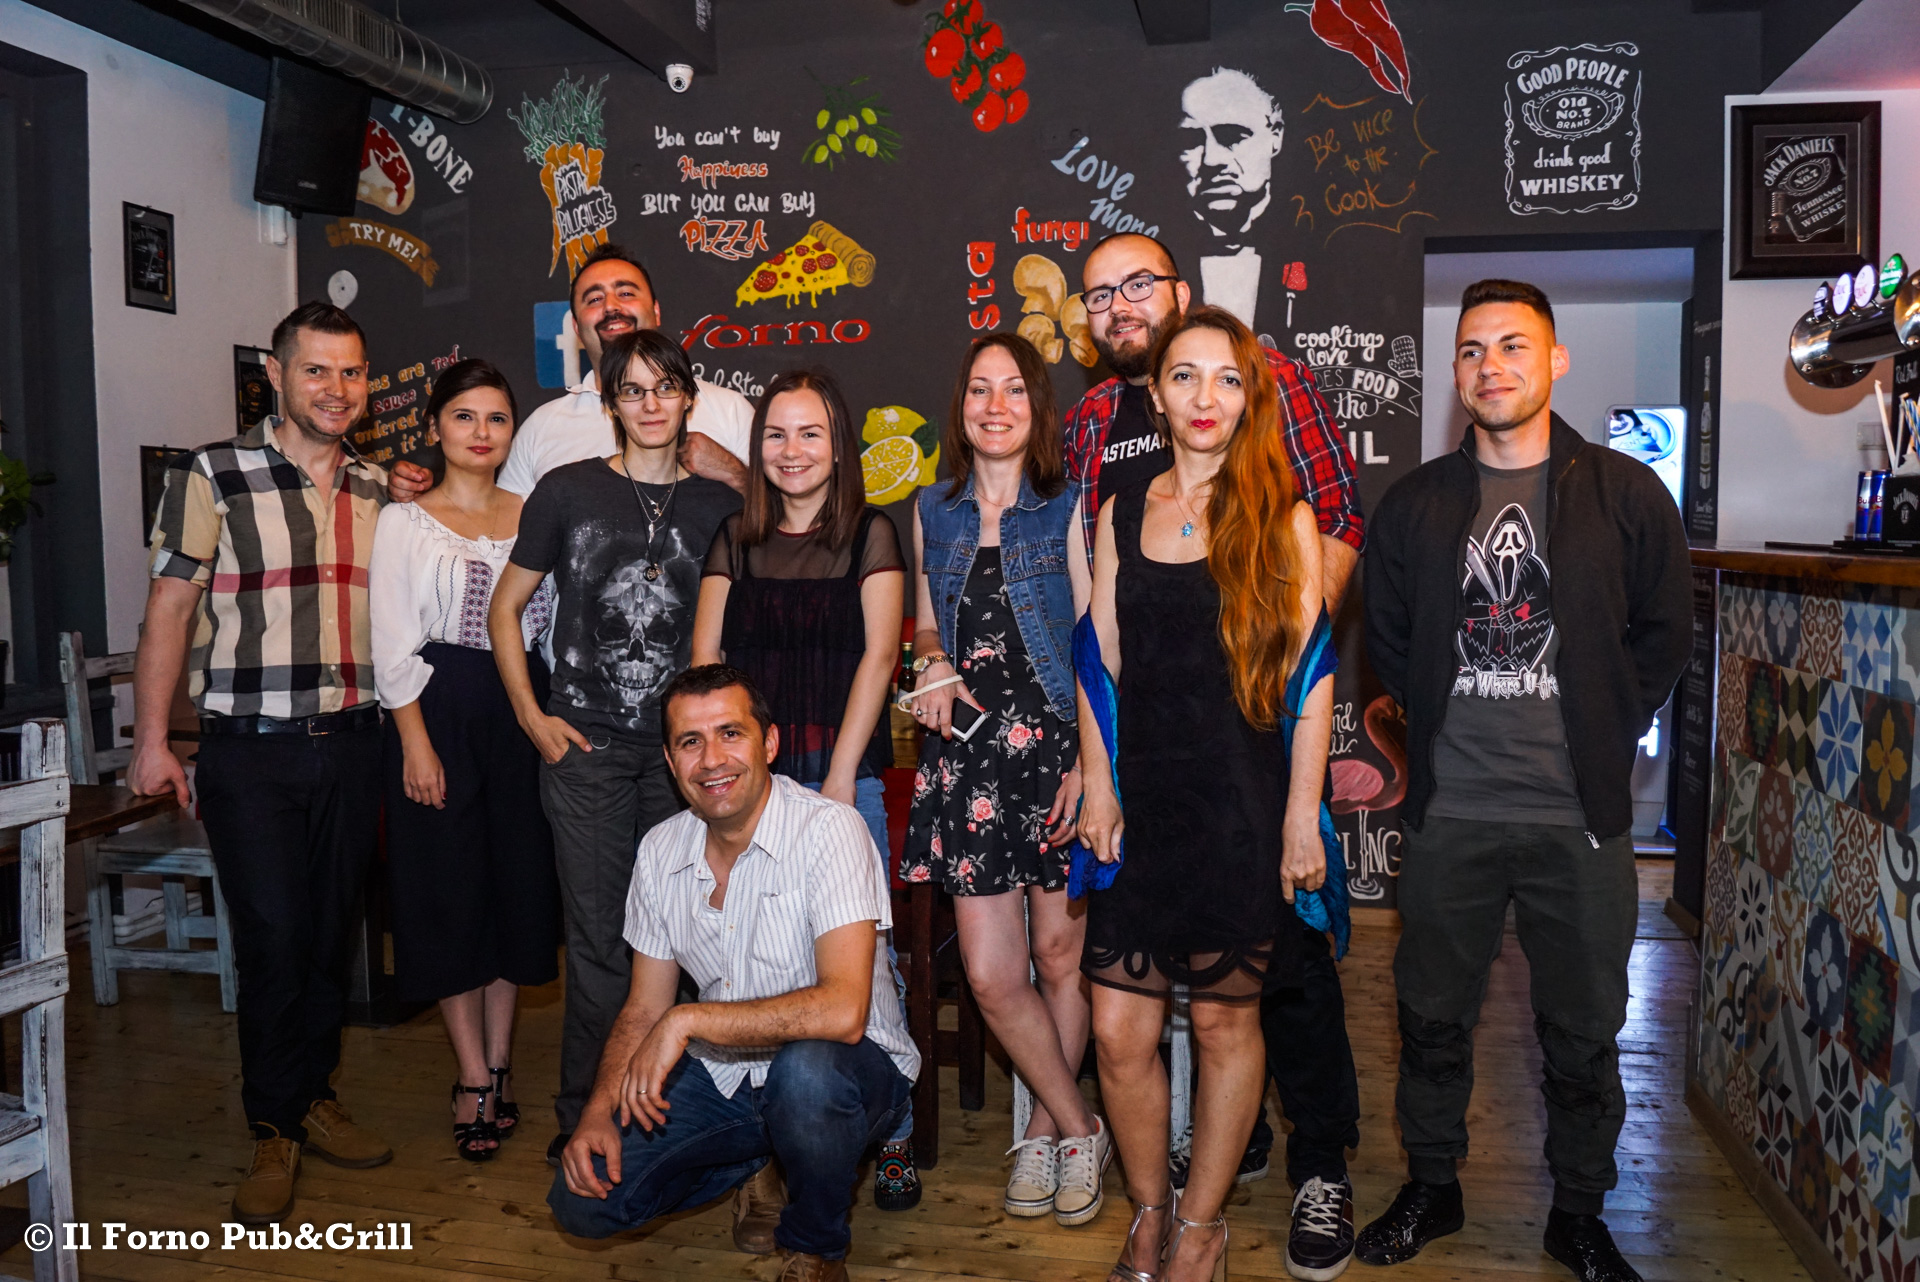 Întâlnirea bloggerilor din Craiova